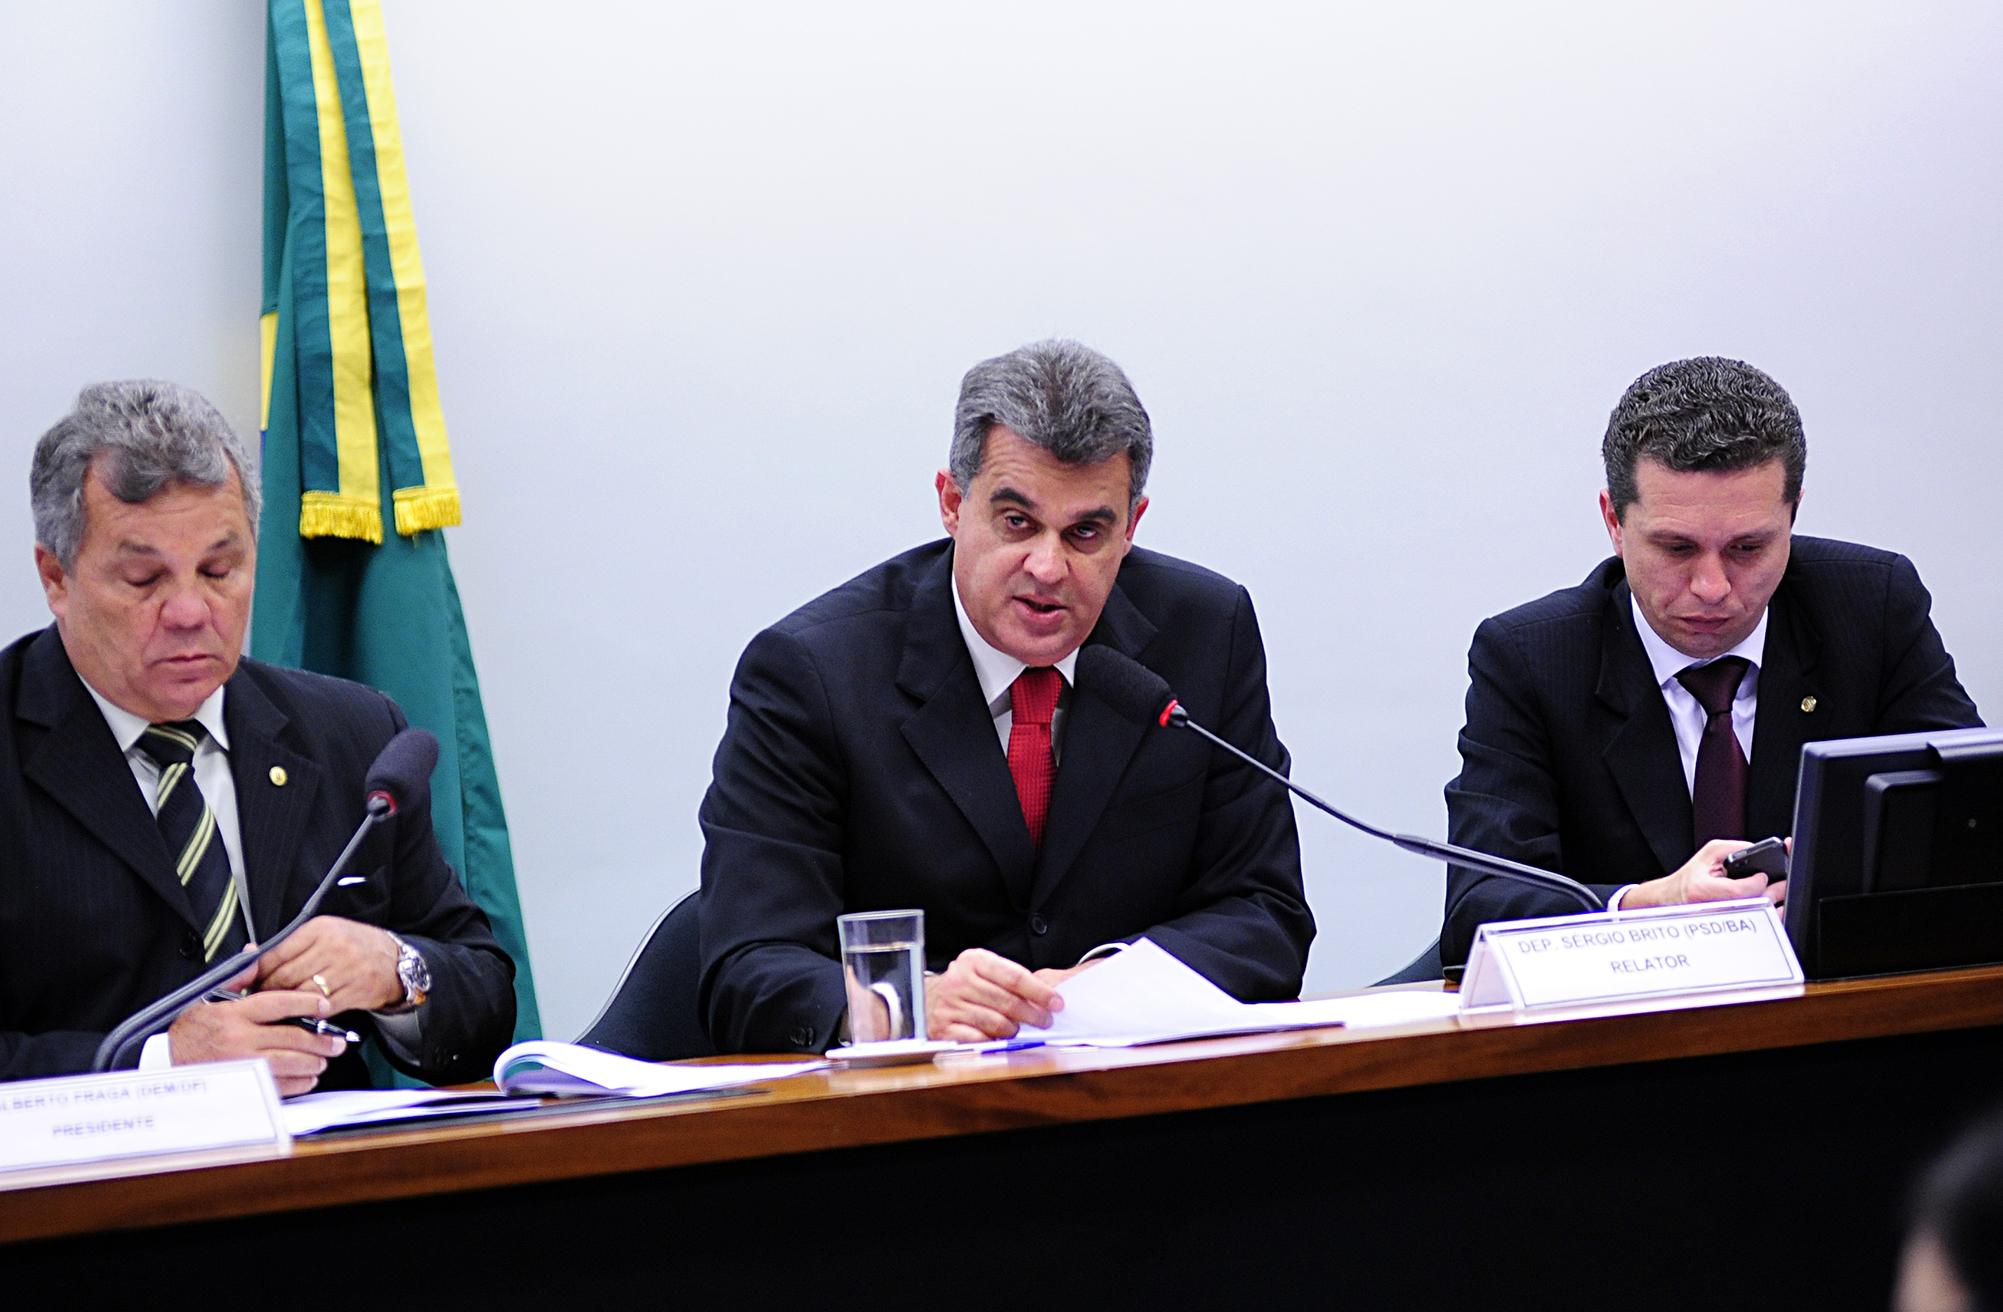 Reunião para discussão e votação do relatório final da CPI. Ao centro, dep. Sérgio Brito (PSD-BA)